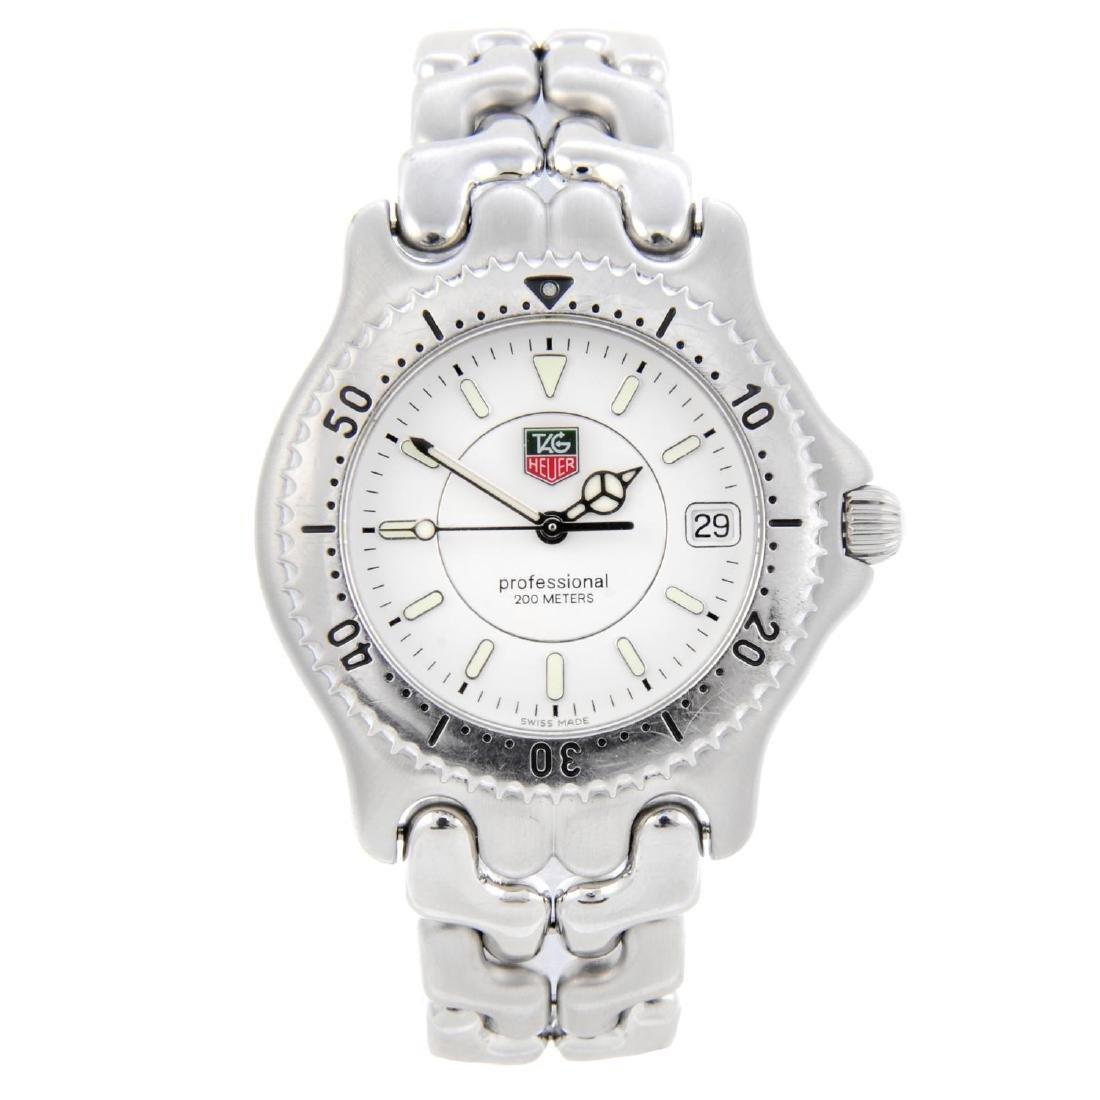 TAG HEUER - a gentleman's S/el bracelet watch.